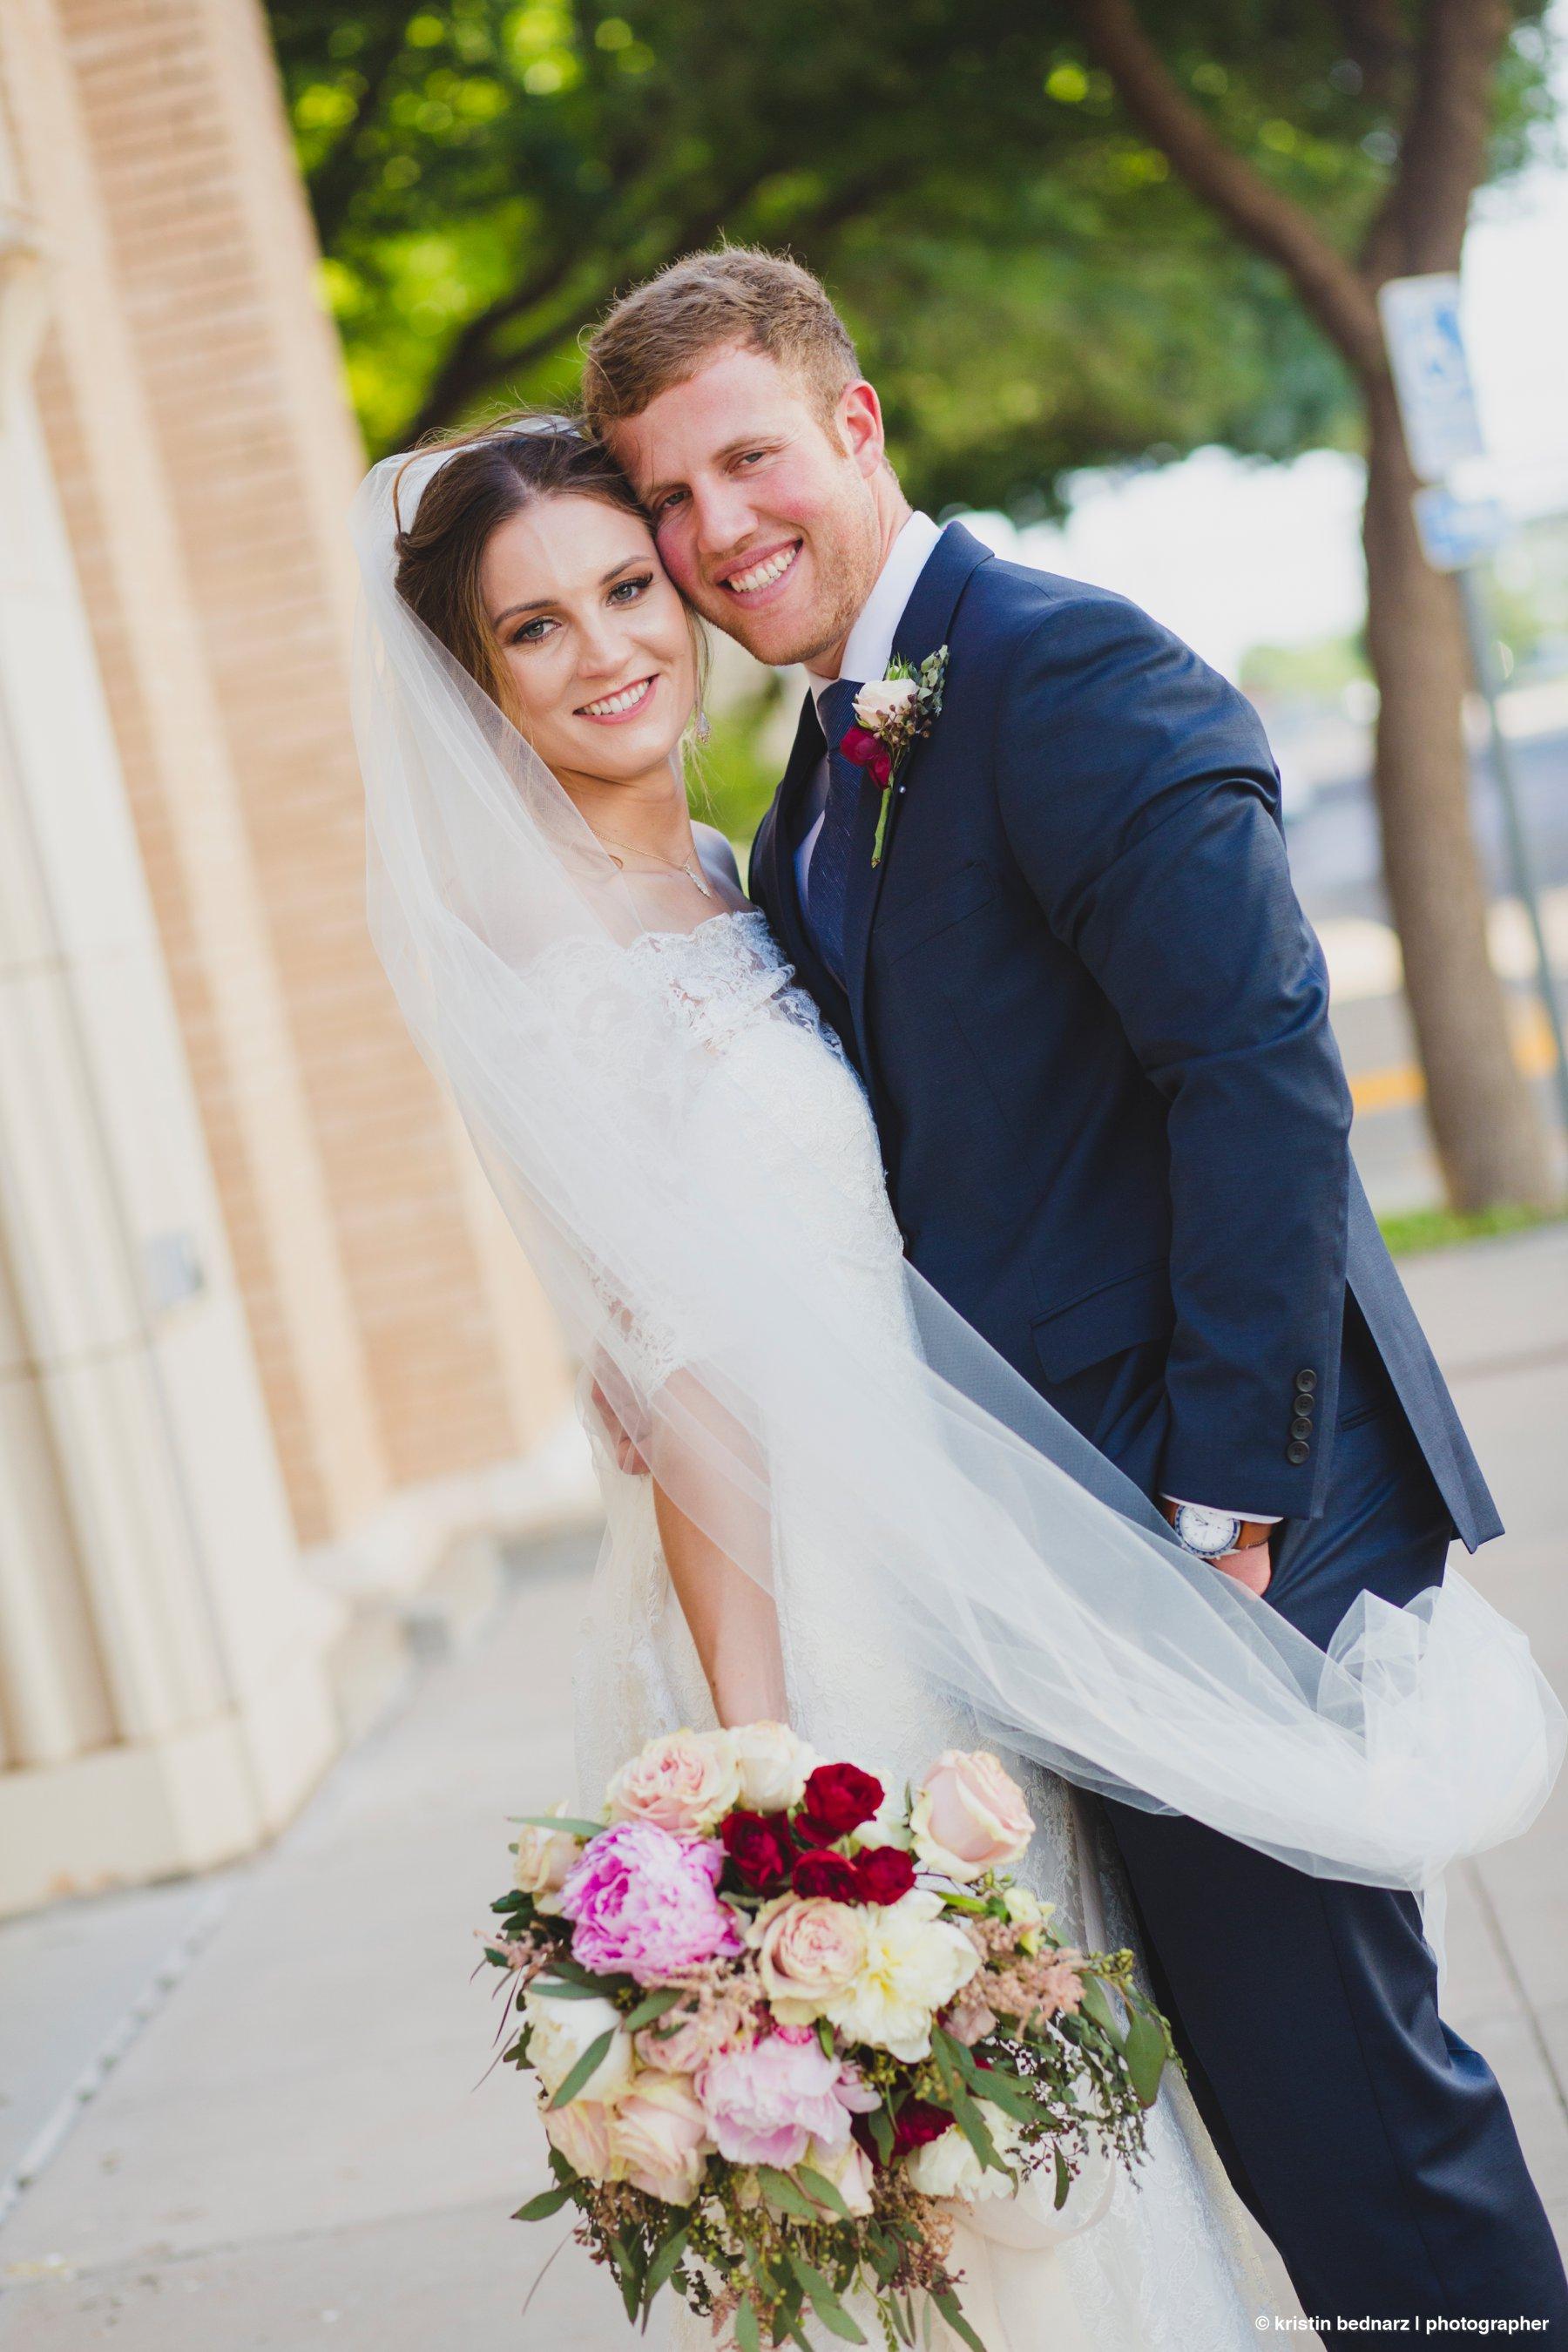 Krisitin_Bednarz_Lubbock_Wedding_Photographer_20180602_0070.JPG